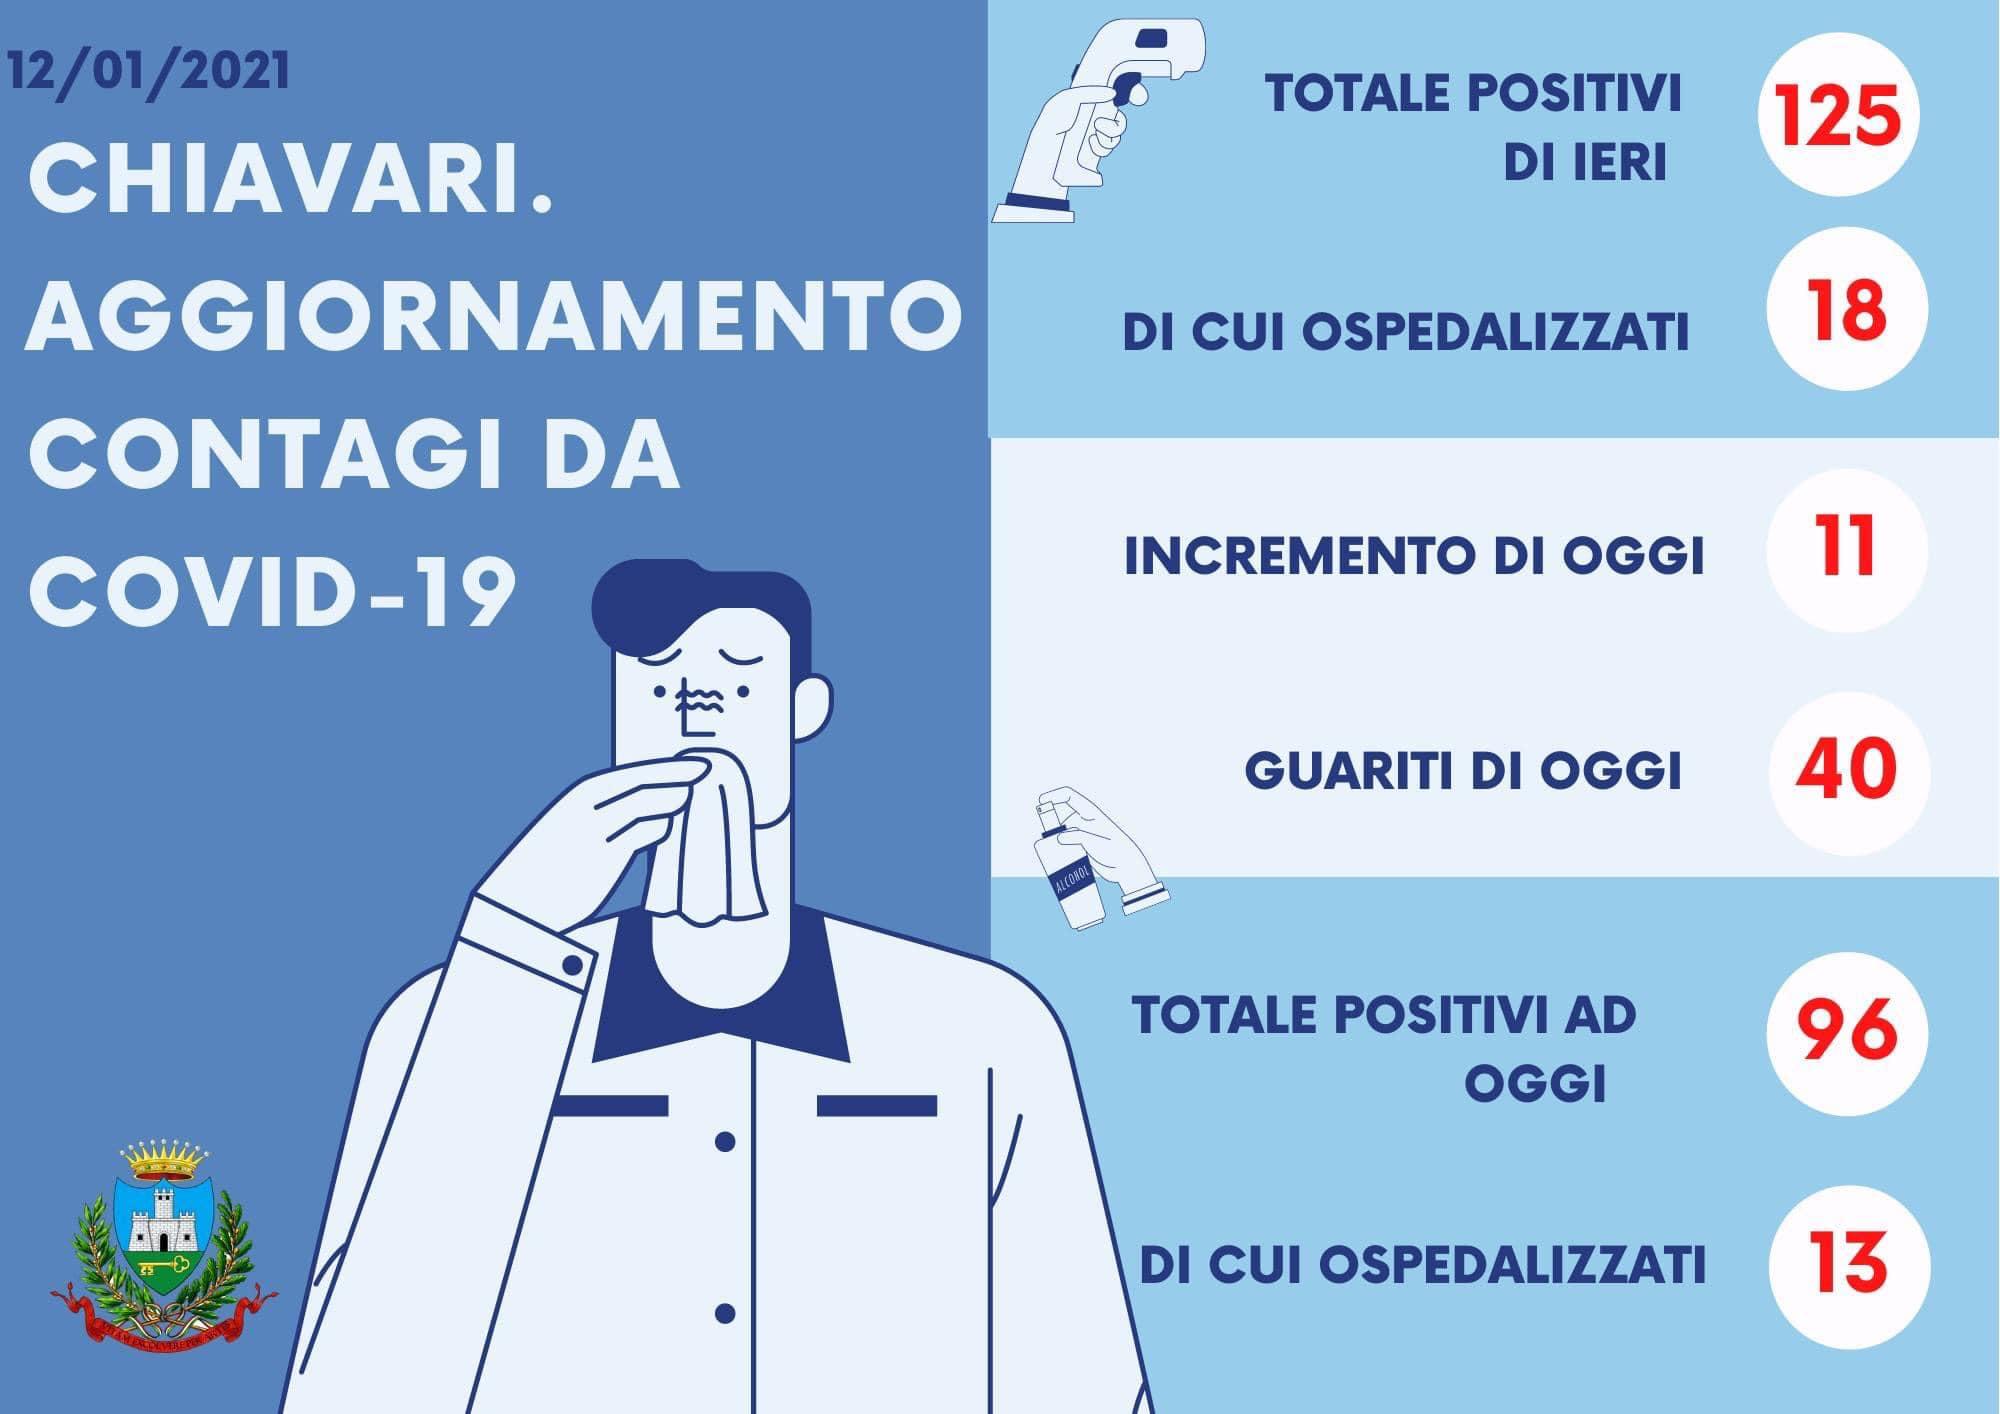 Chiavari: migliora la situazione, 40 guariti e 96 positivi